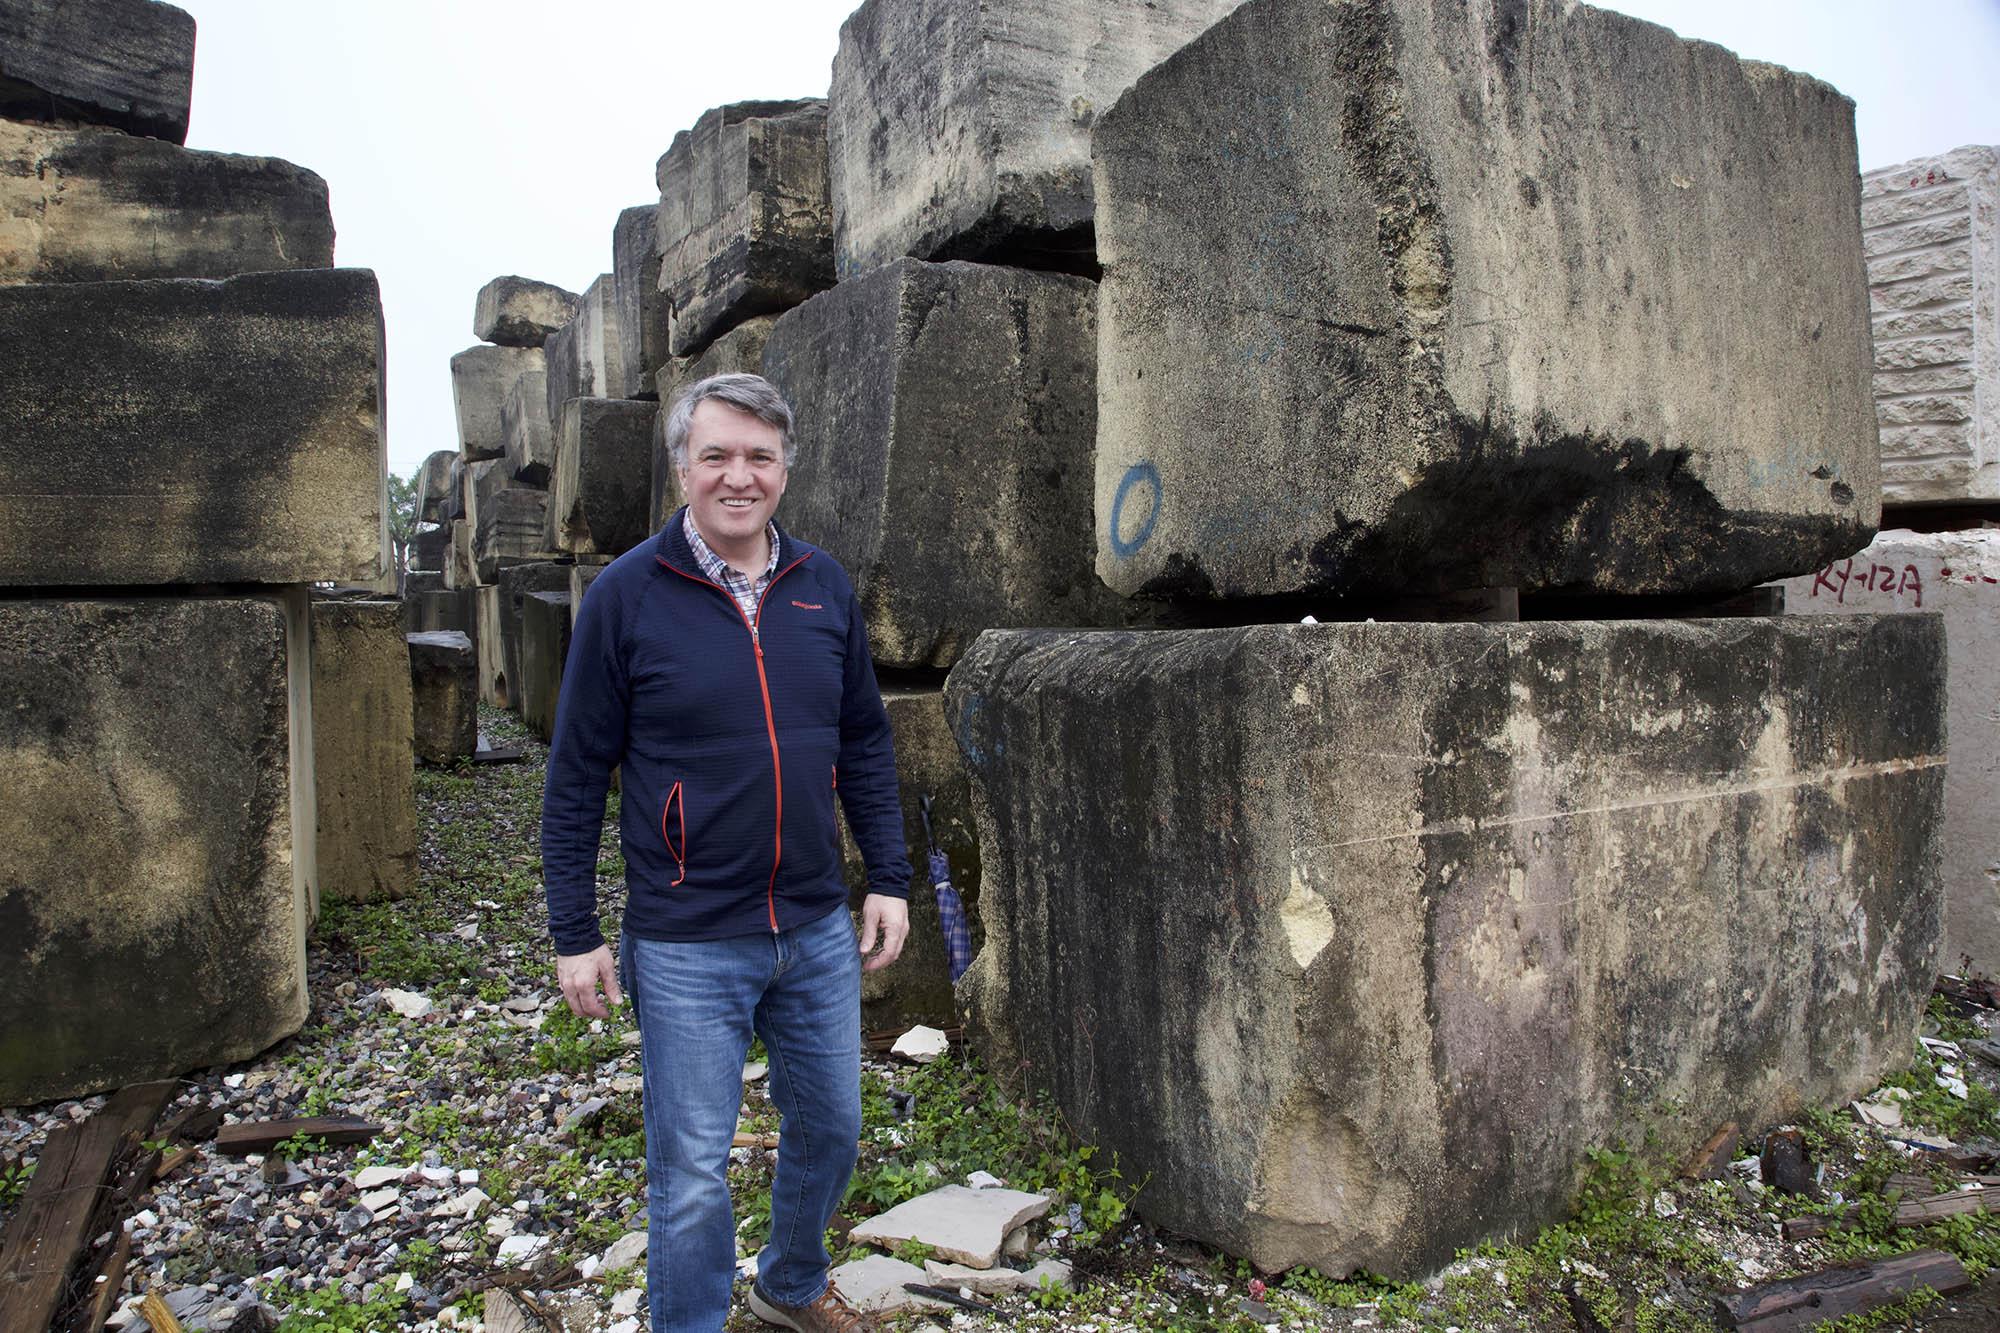 Gavin in front of large blocks